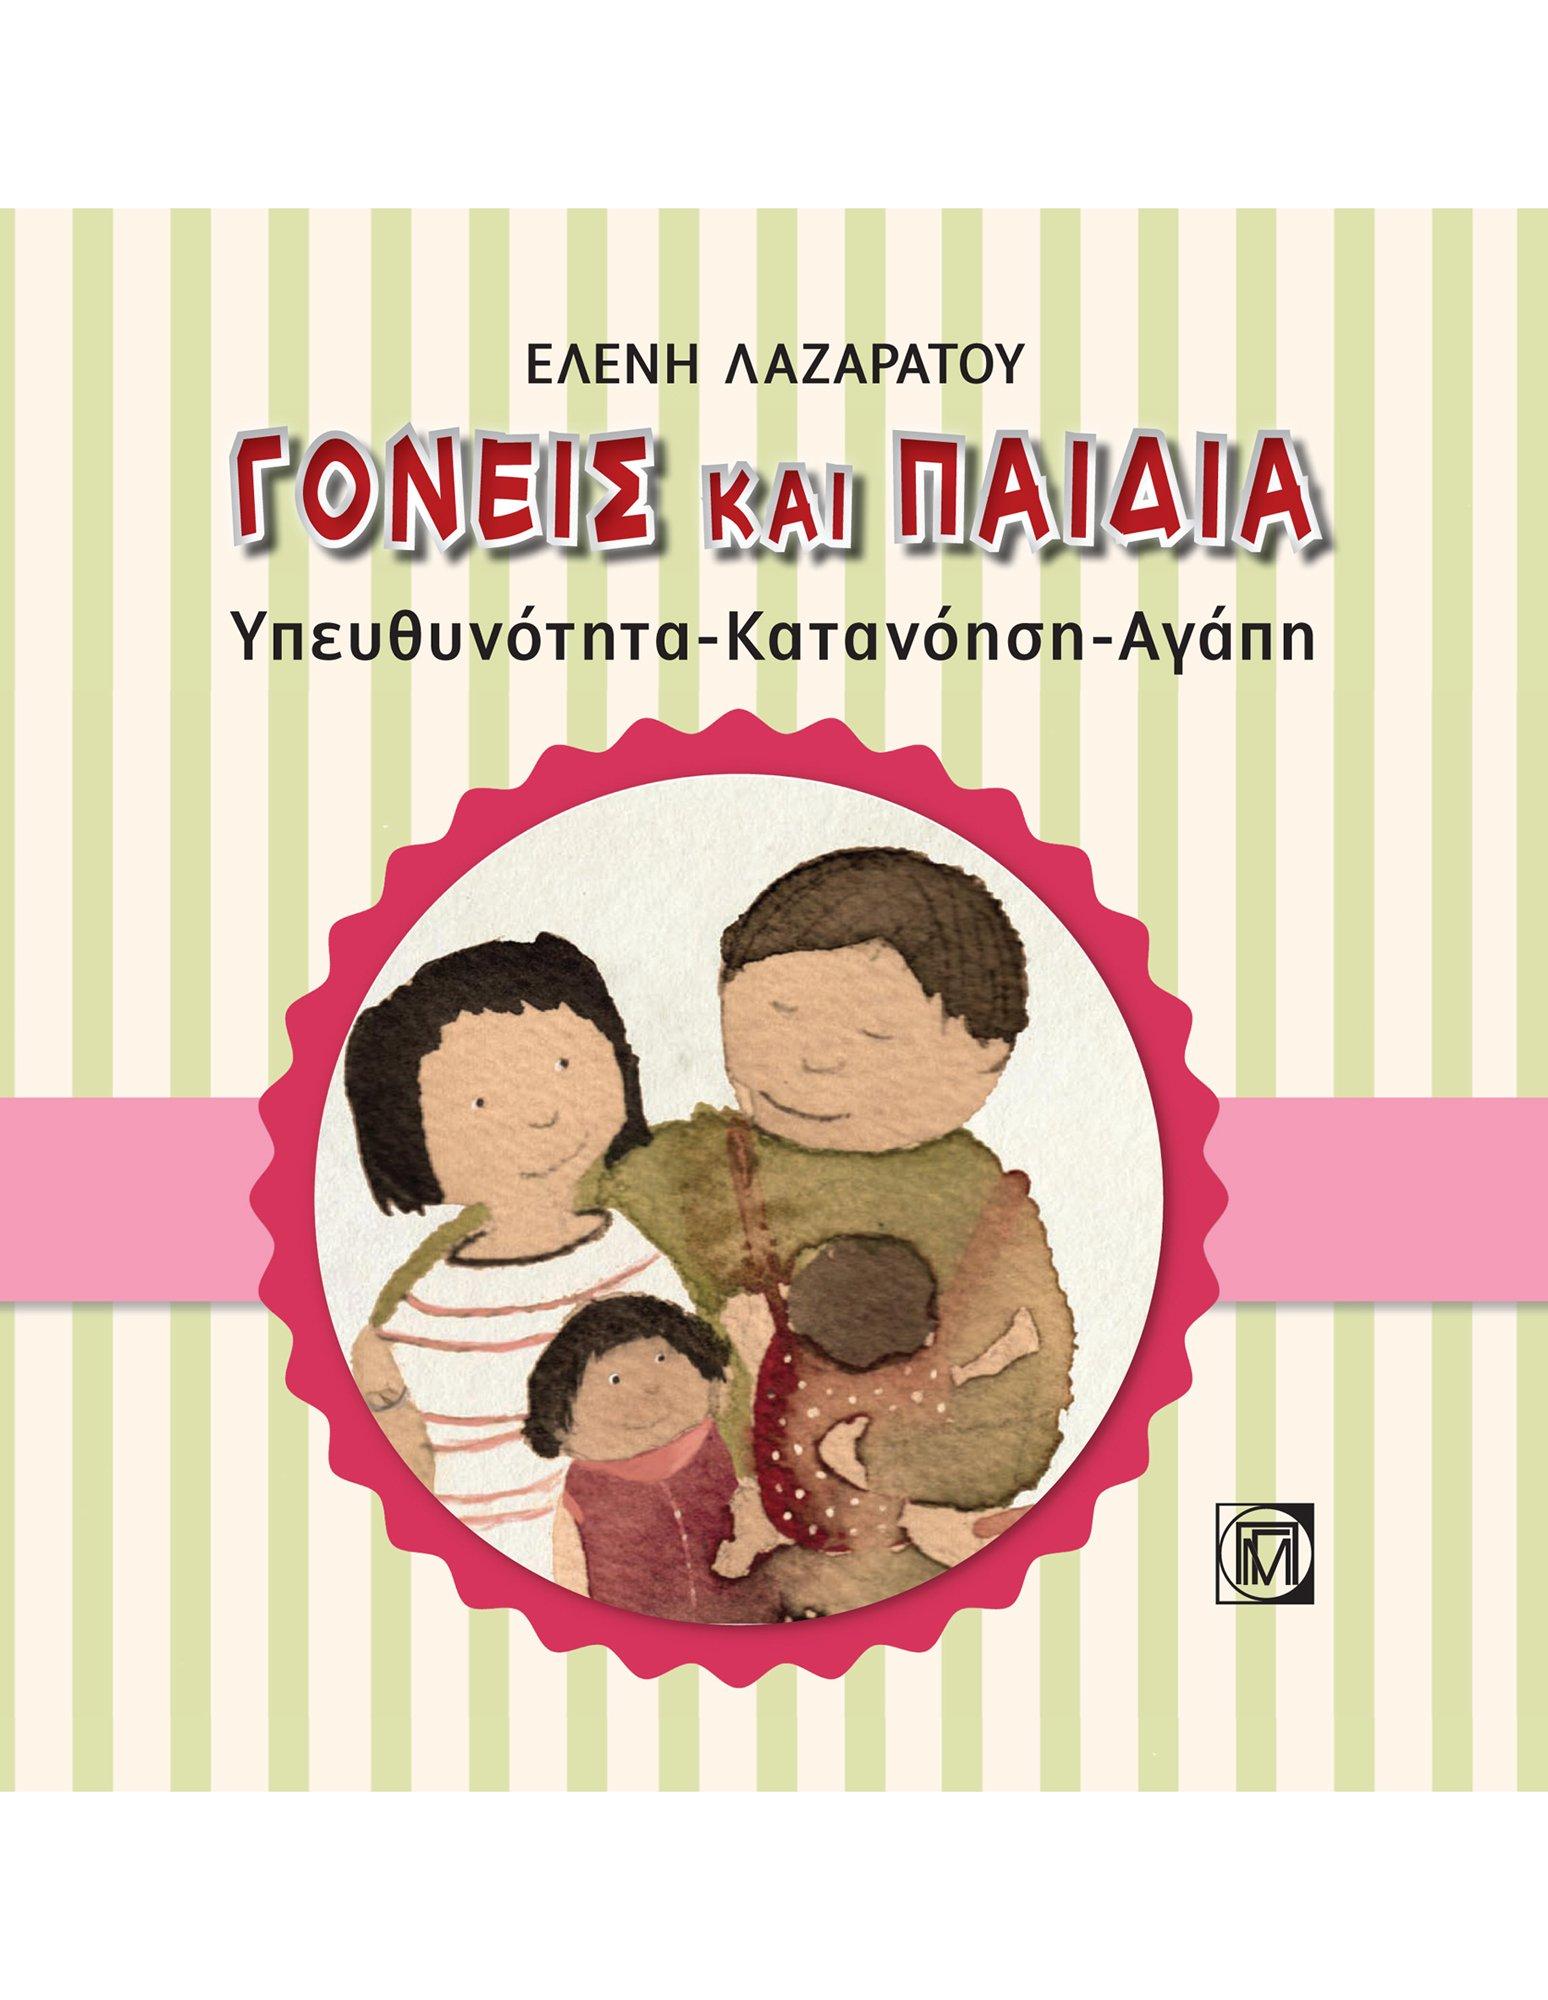 Γονείς-και-Παιδιά-της-Ελένης-Λαζαράτου|Υπευθυνότητα -Κατανόηση-Αγάπη |-Ένα-βιβλίο-που-κάθε-γονιός-αξίζει-και-πρέπει-να-διαβάσει